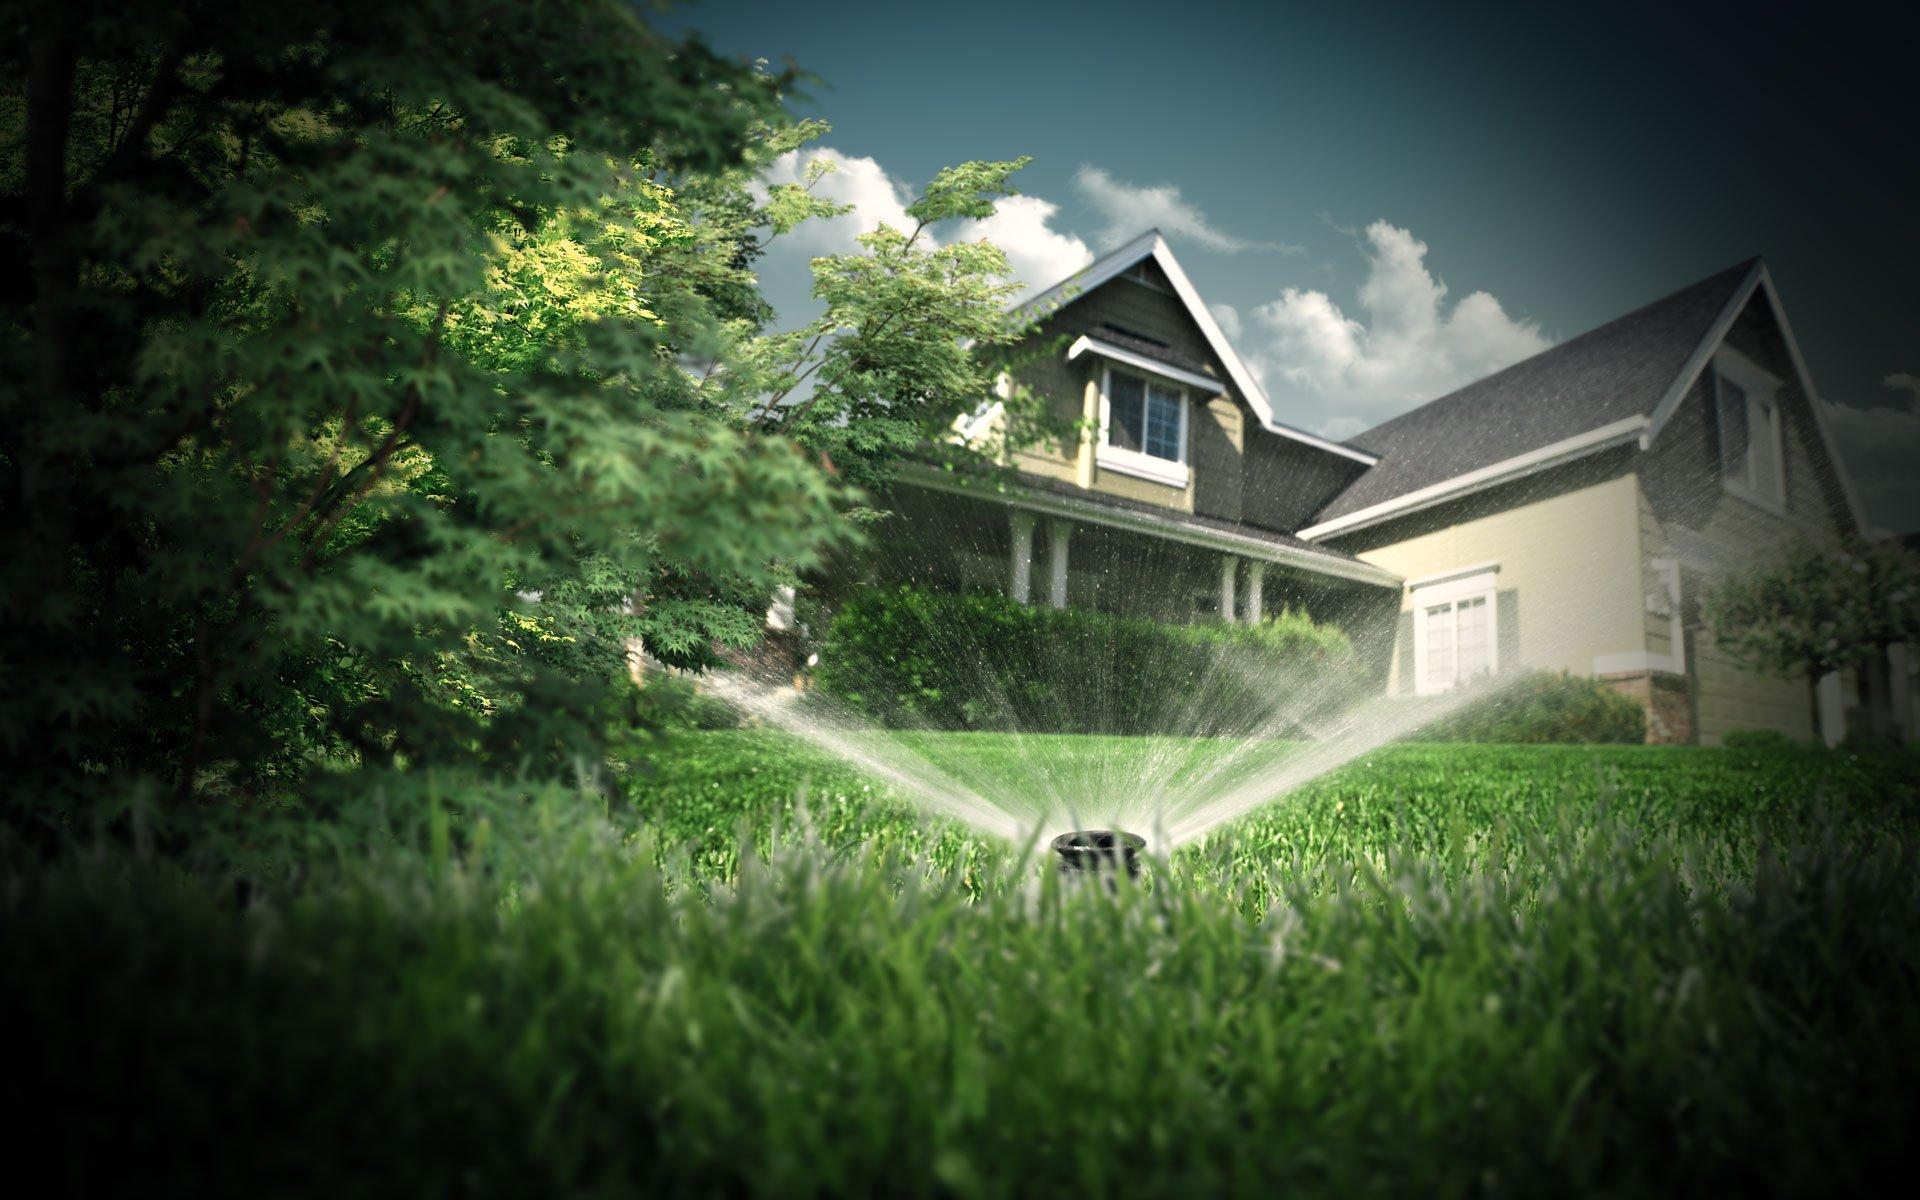 Impianti di irrigazione Idrothermoelettrica Agazzi